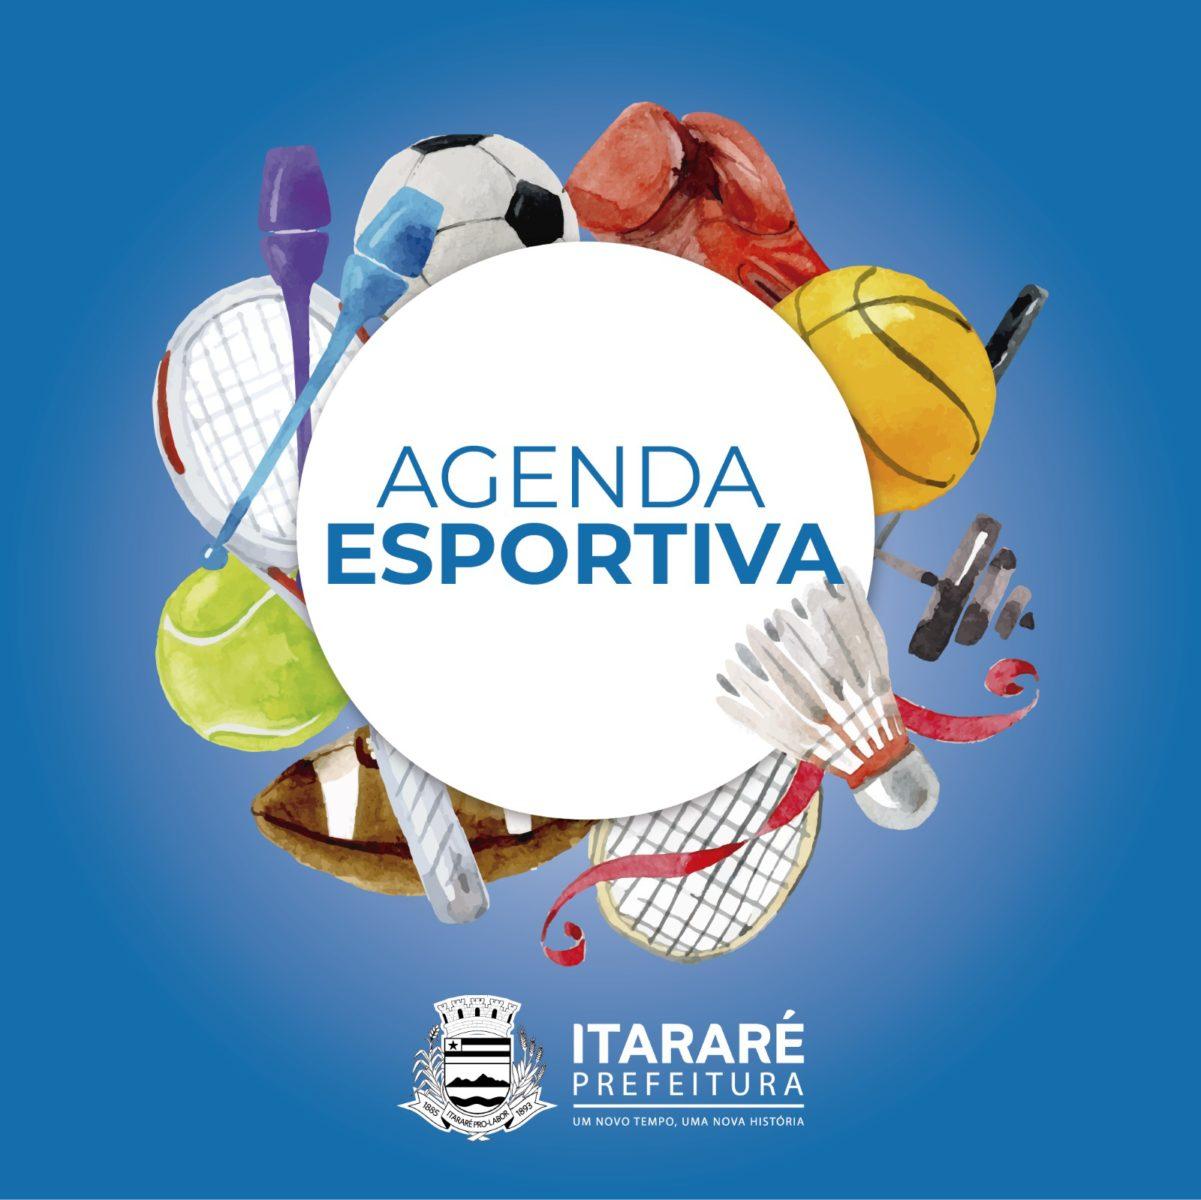 Agenda Esportiva: Jardim São Paulo enfrenta Jardim Alvorada pelo Campeonato Municipal de Futebol Amador de Itararé (SP)